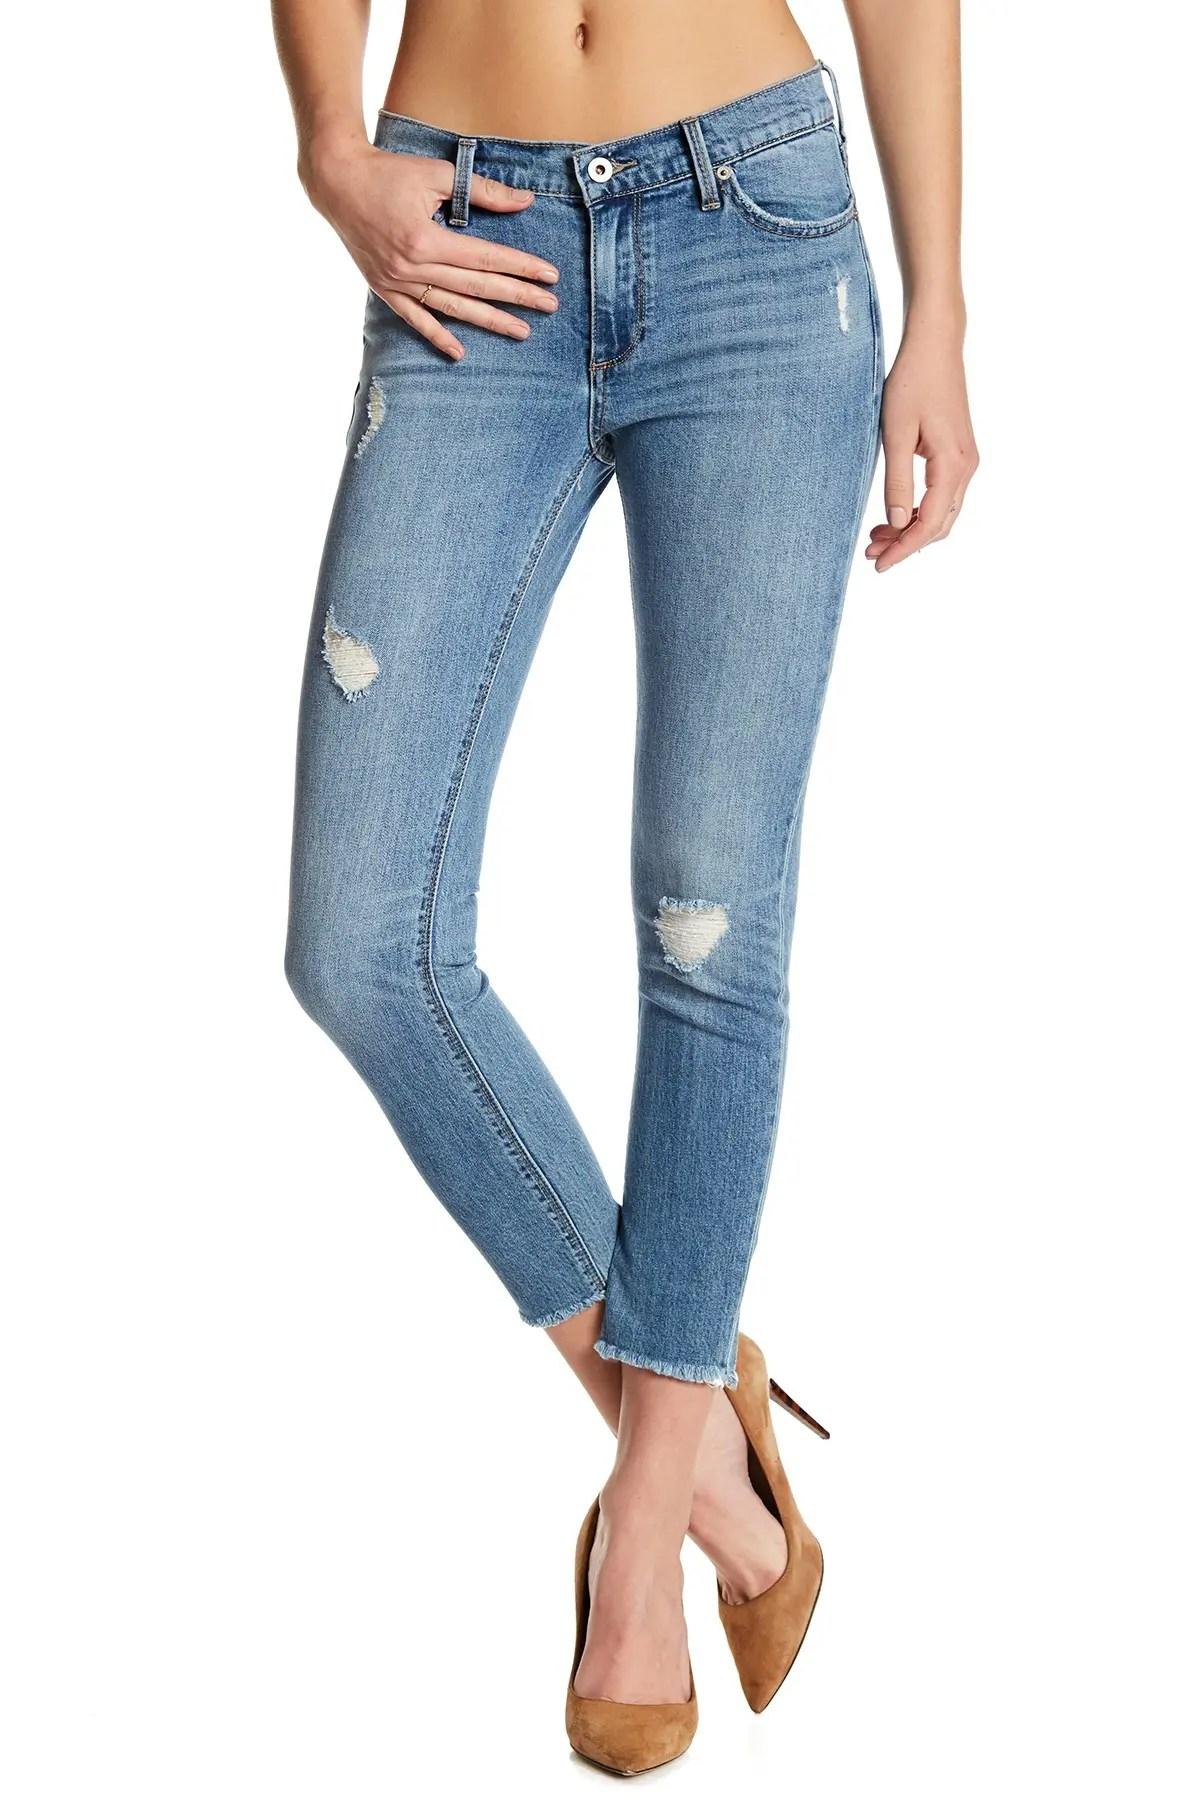 lucky brand brooke frayed hem ankle crop jeans nordstrom rack